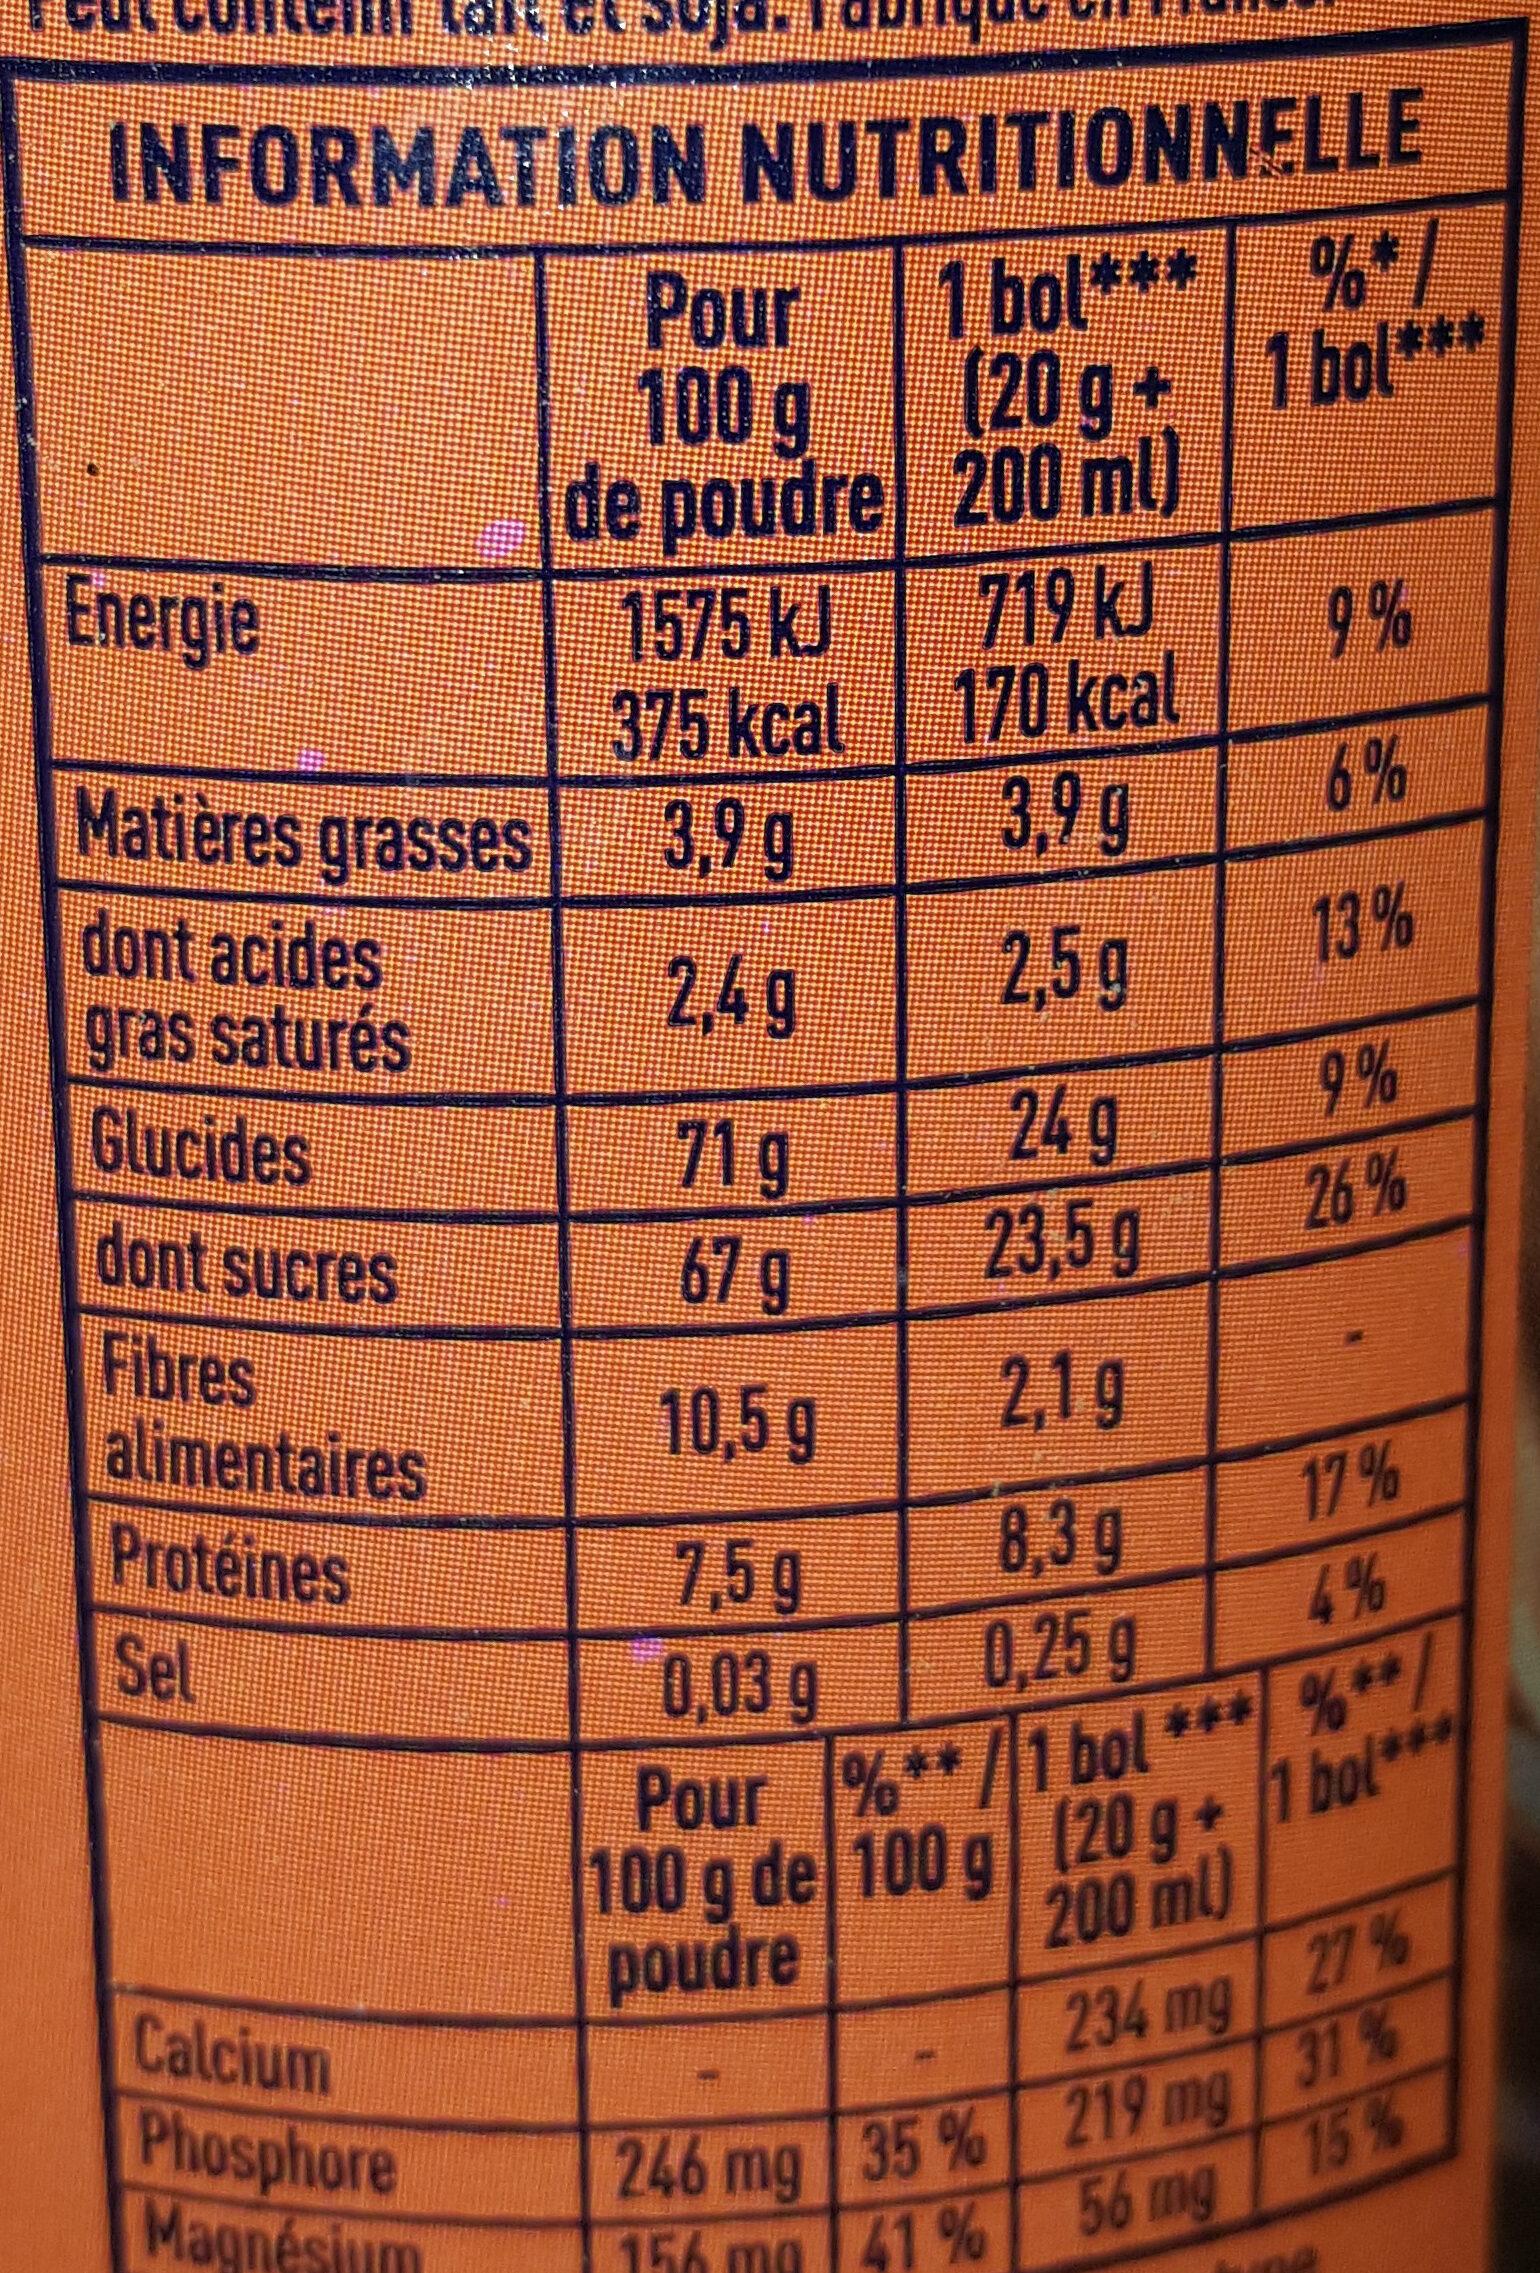 Grand Arôme 32% de Cacao - Nutrition facts - fr